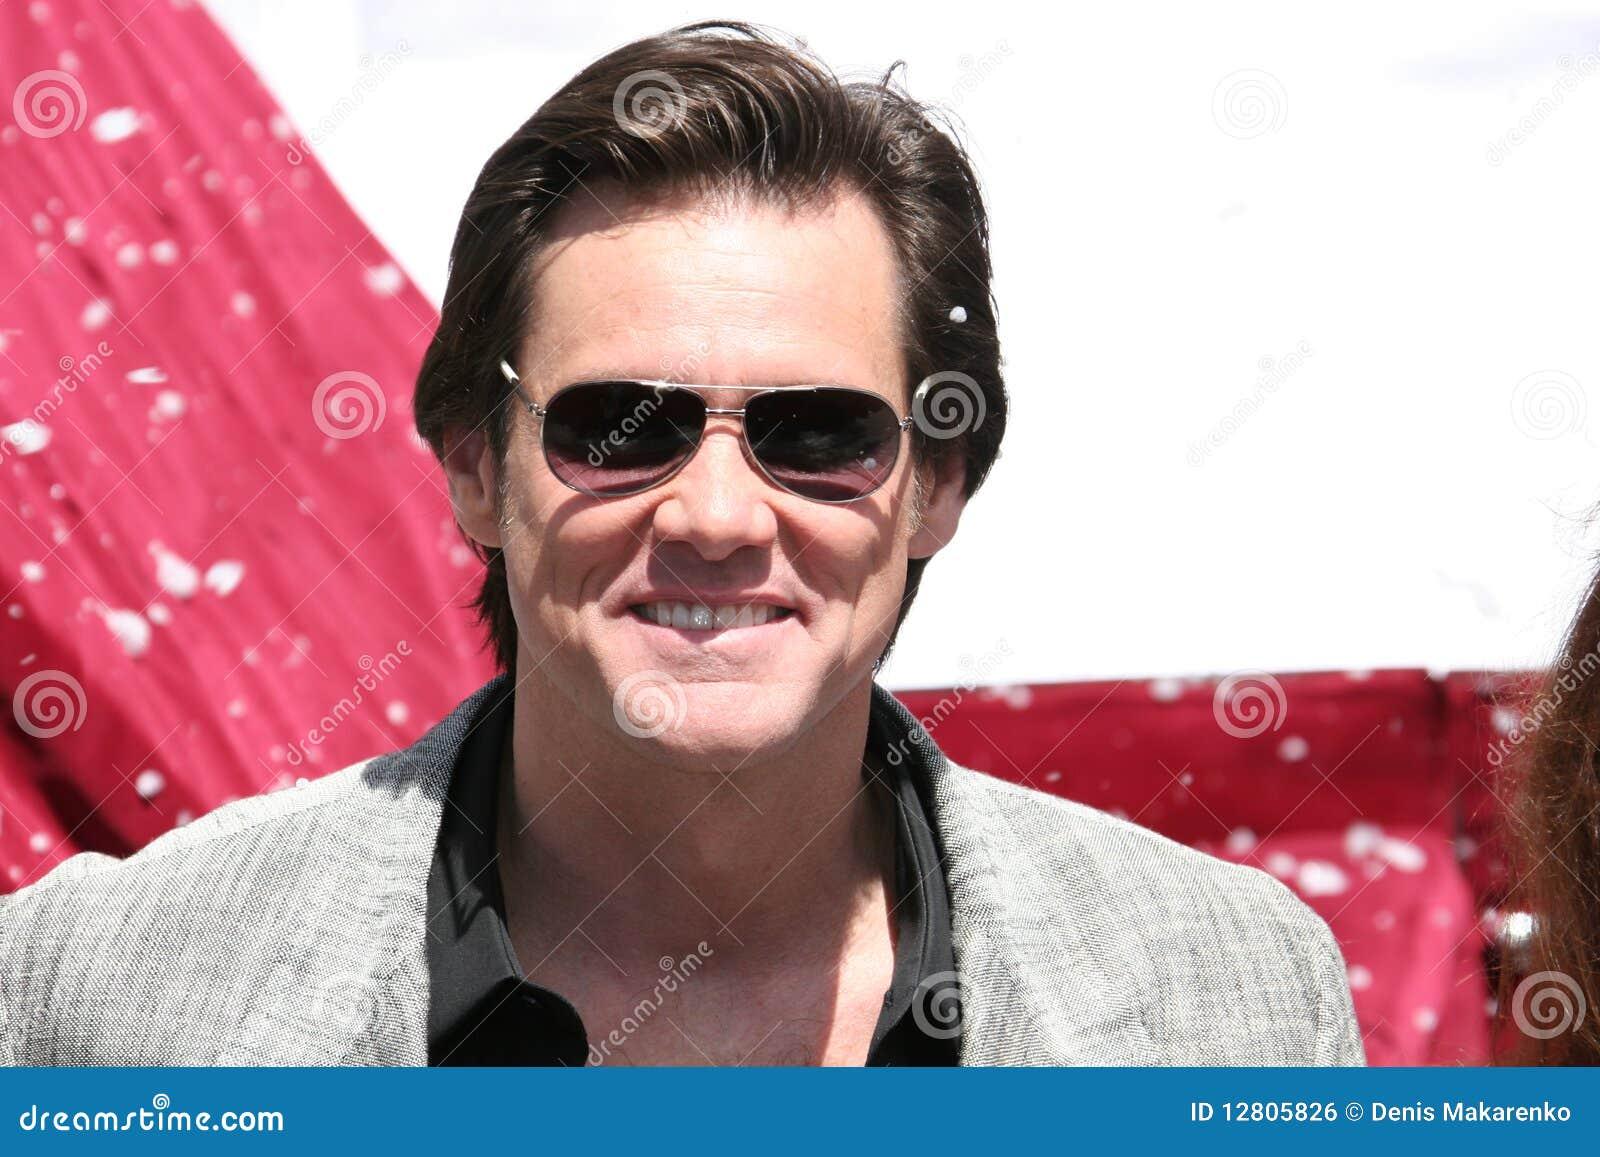 Ator Jim Carrey